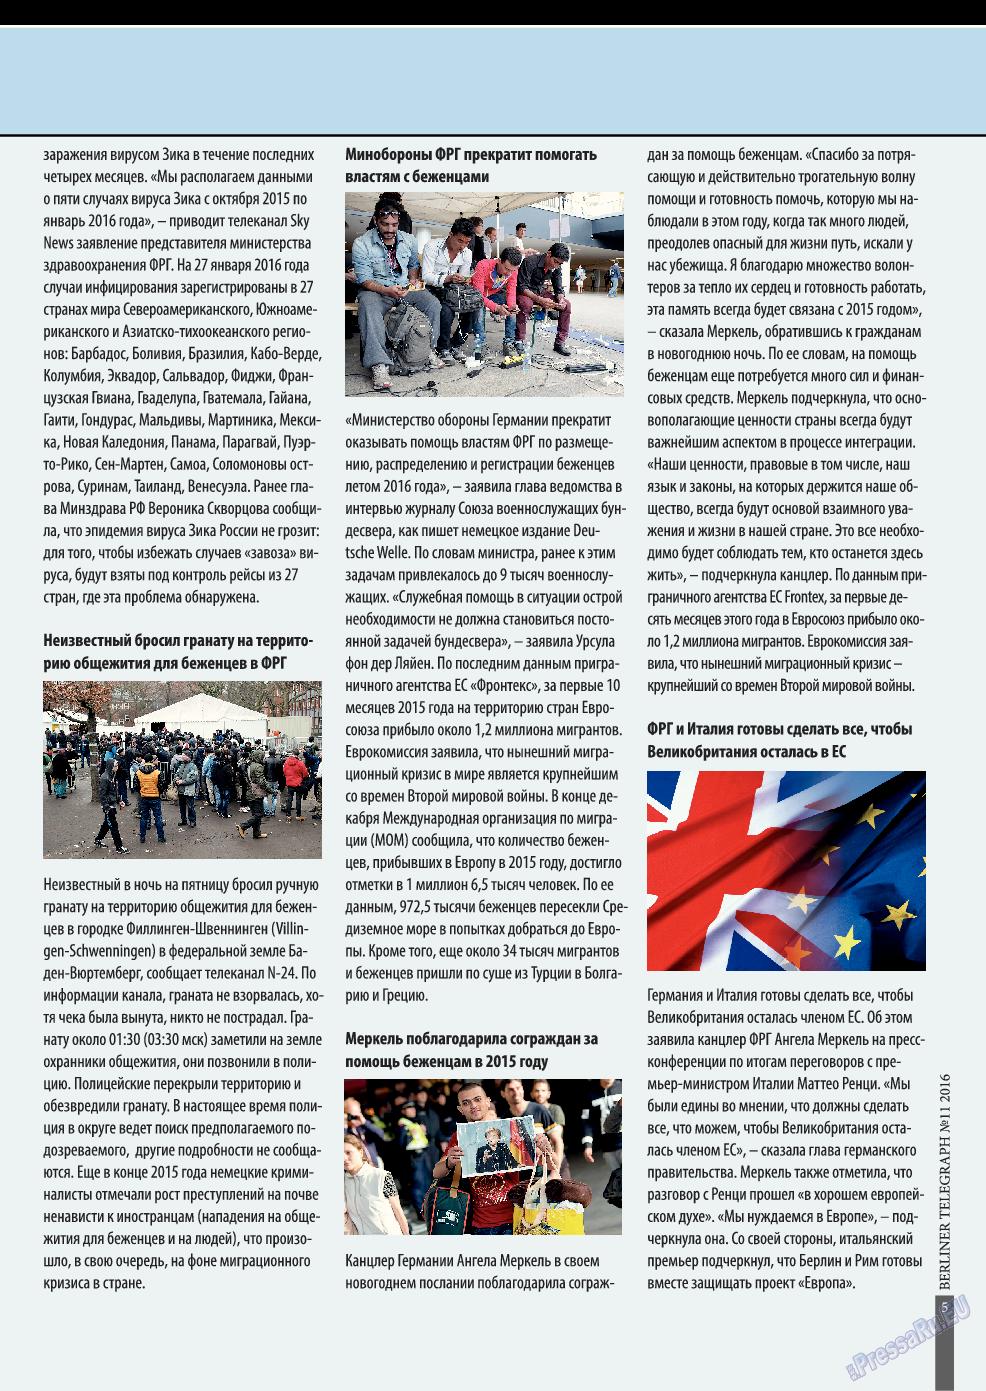 Берлинский телеграф (журнал). 2016 год, номер 11, стр. 5